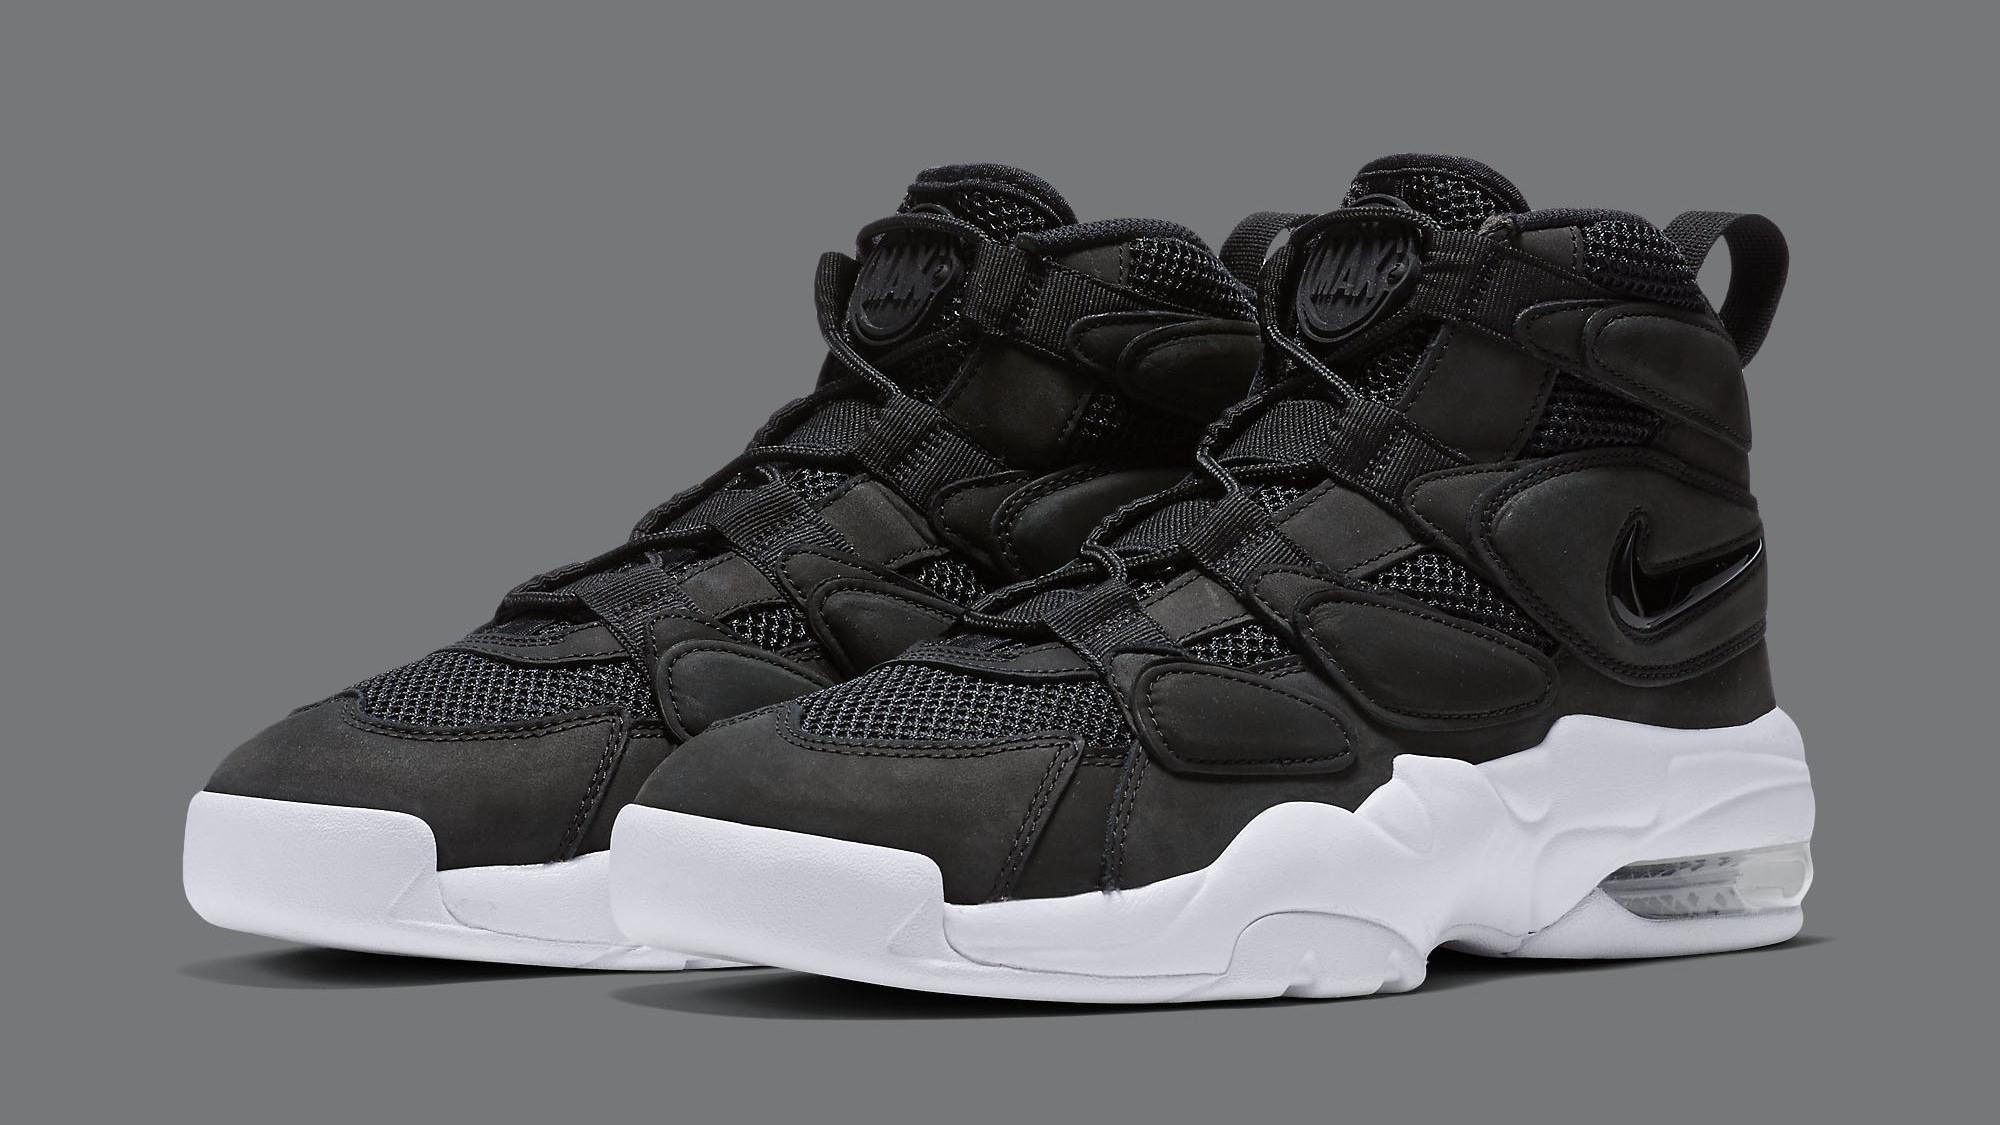 Image via Nike Nike Air Max Uptempo 2 926a420a00e4